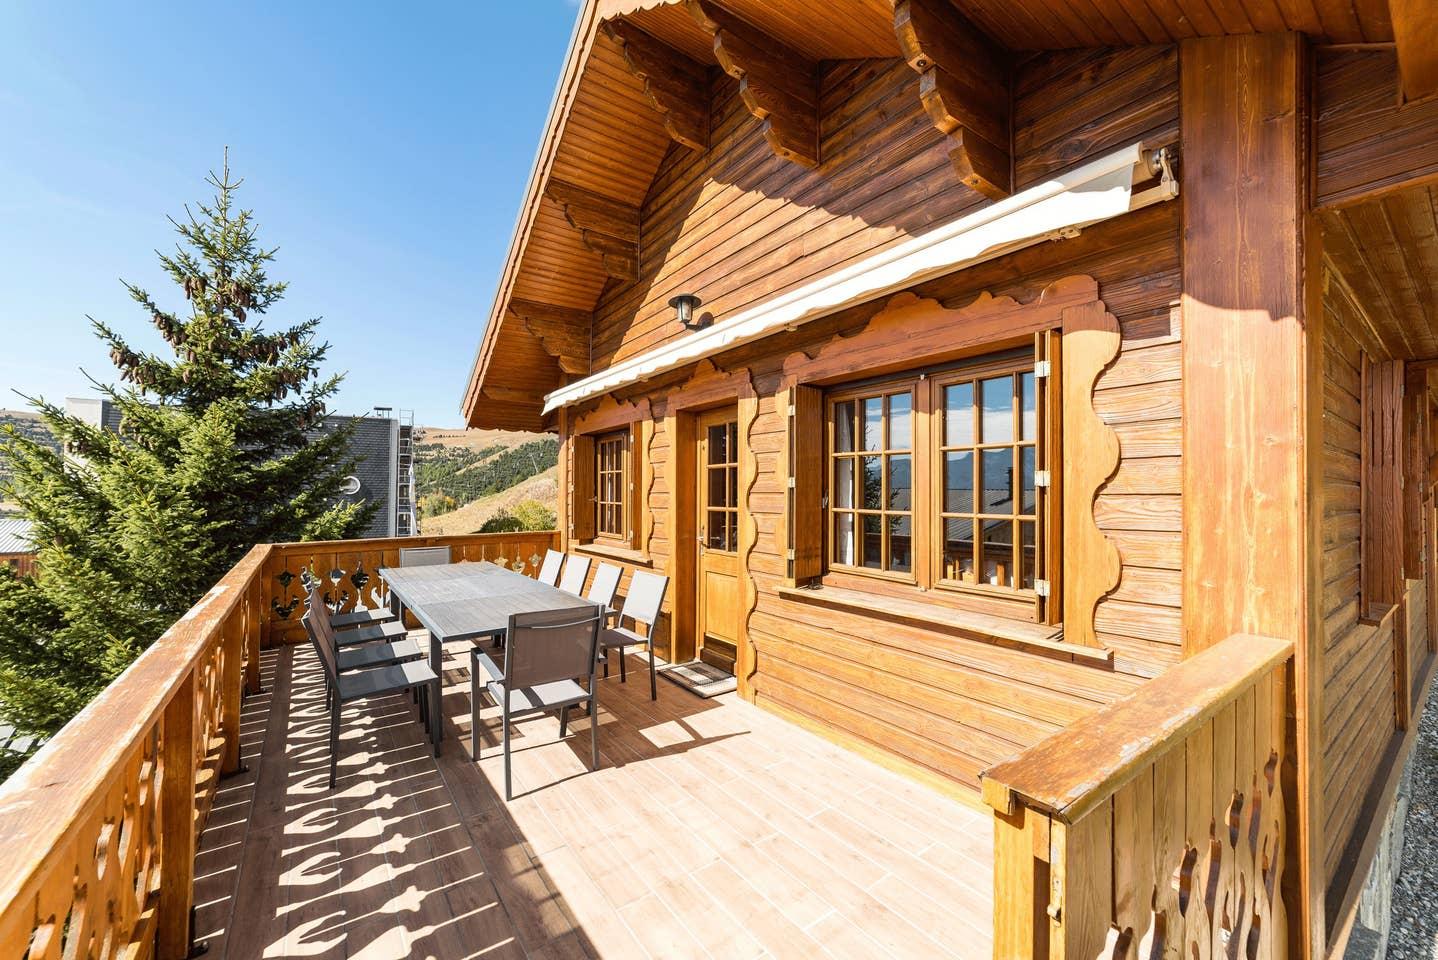 Airbnb -  Chalet à L'Alpe d'Huez au pied des pistes pour 10 personnes